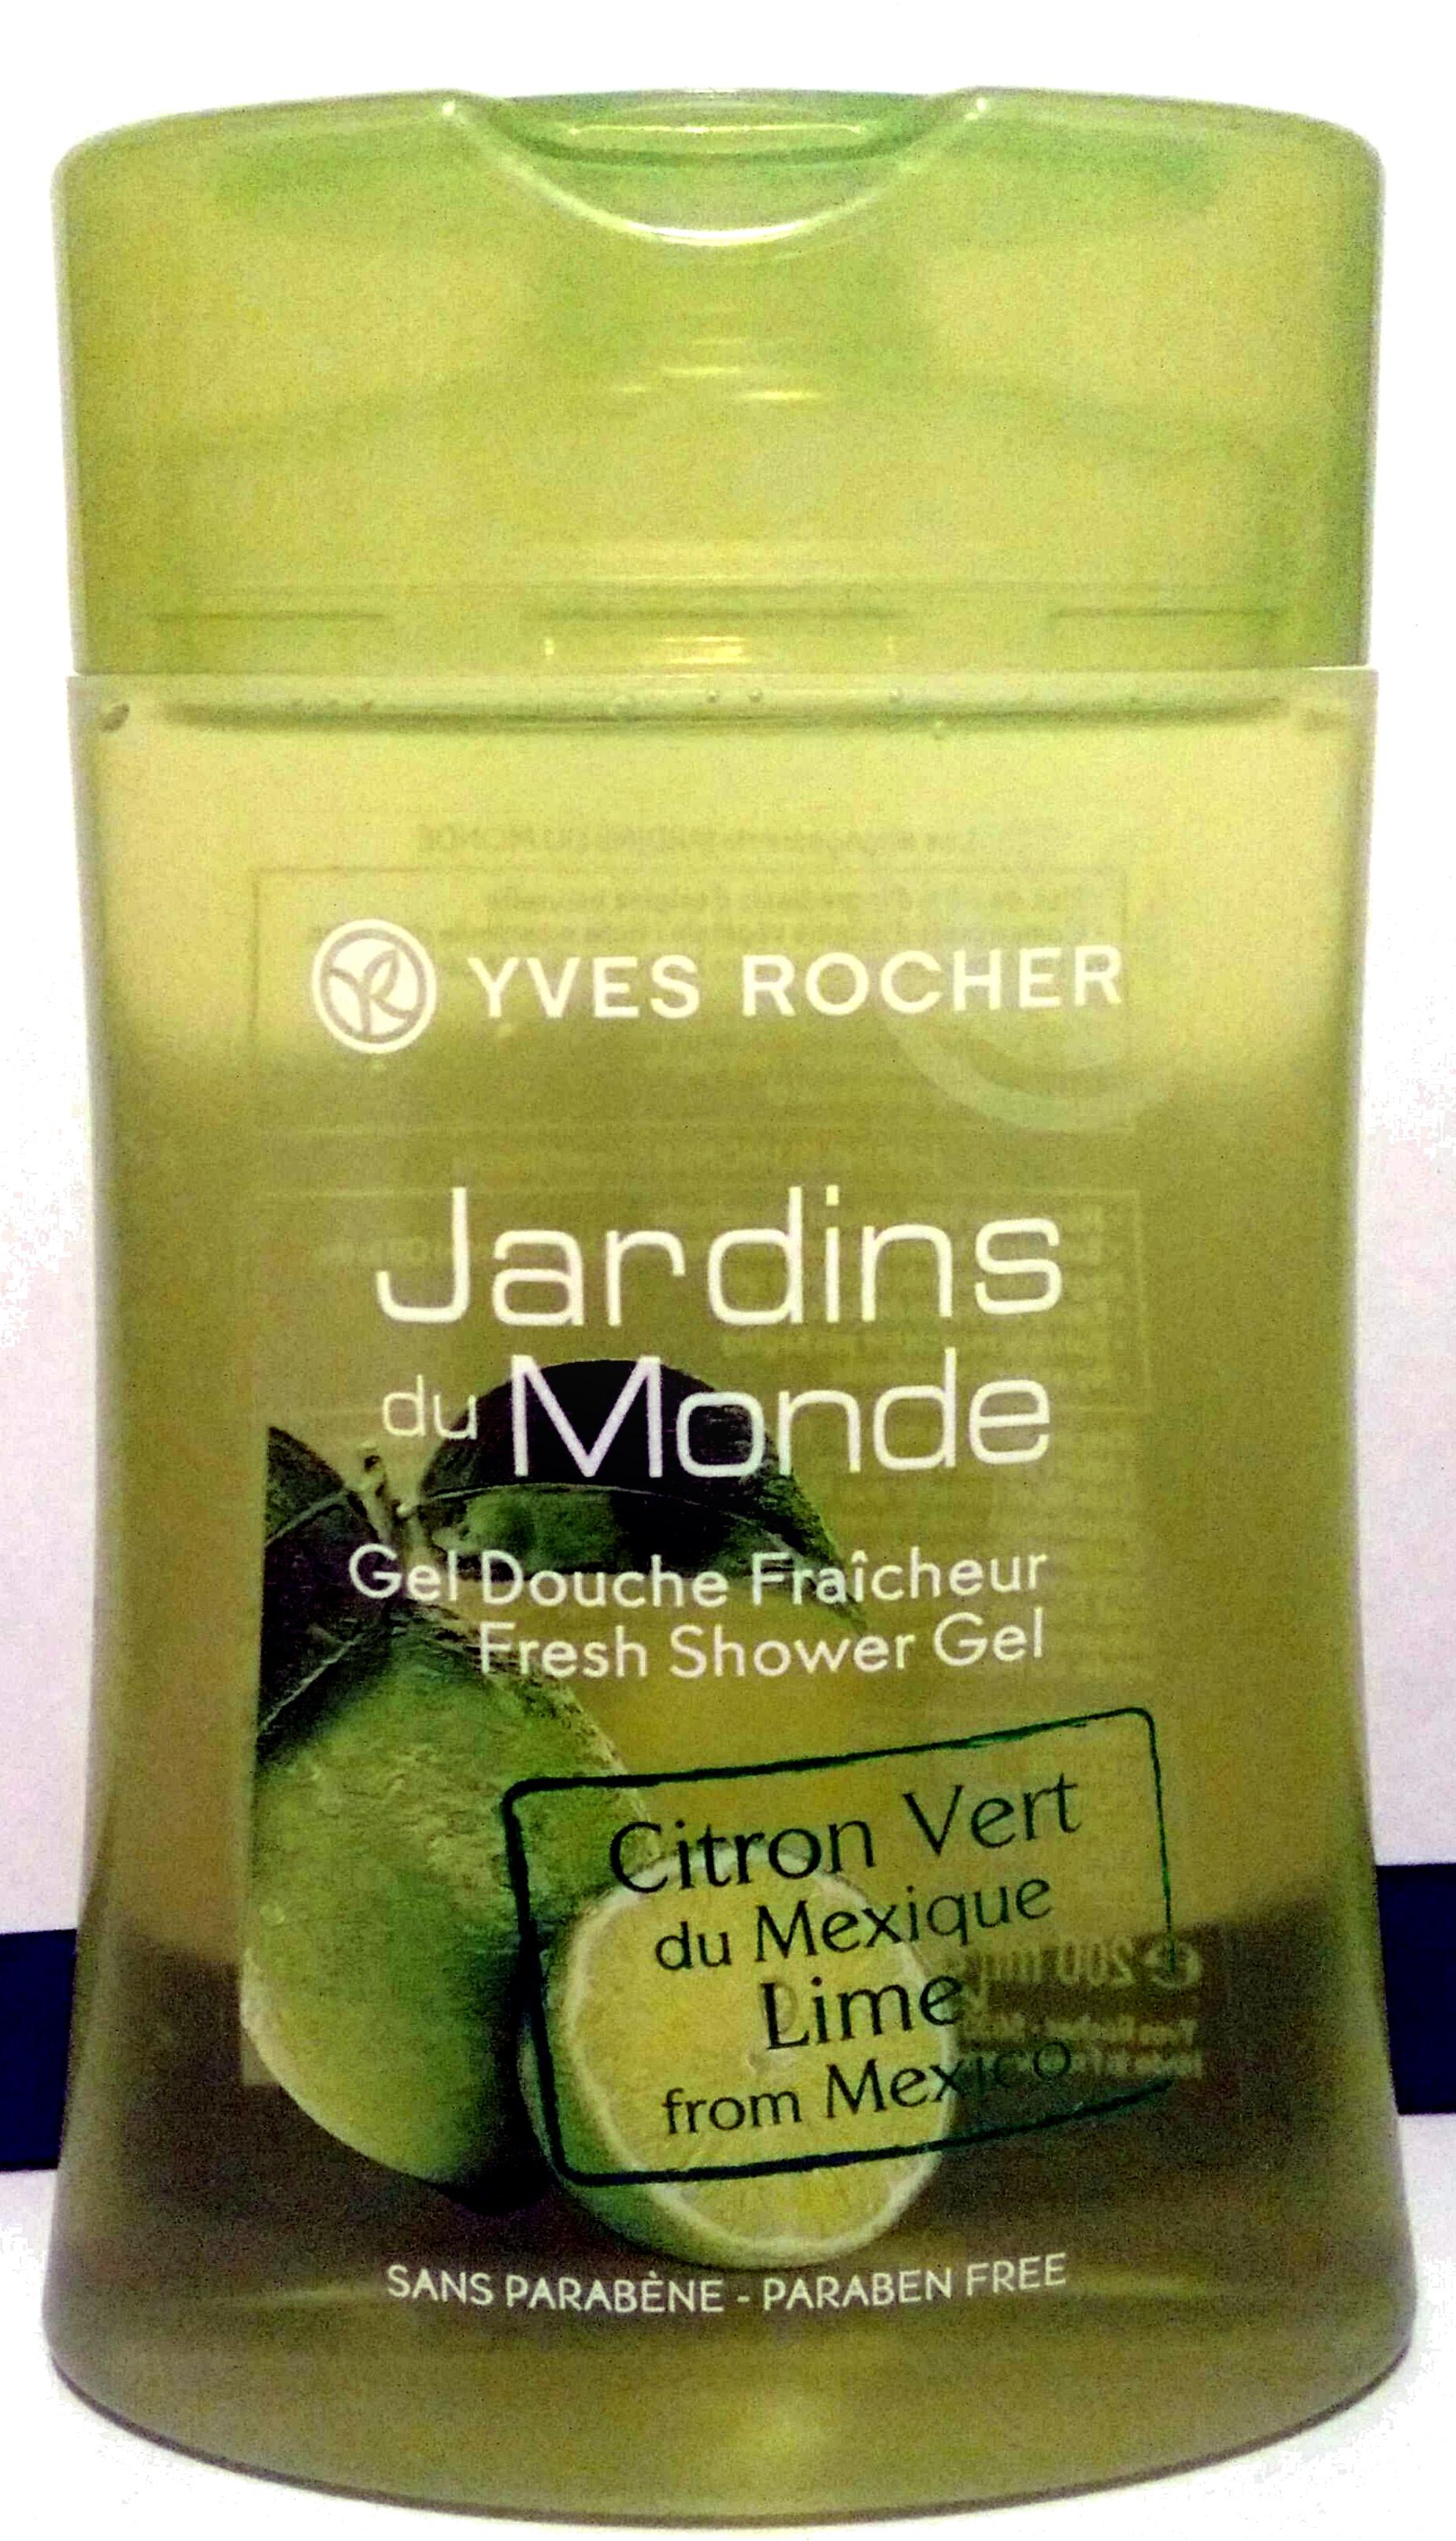 Jardins du Monde Gel douche fraicheur Citron Vert du Mexique - Product - fr